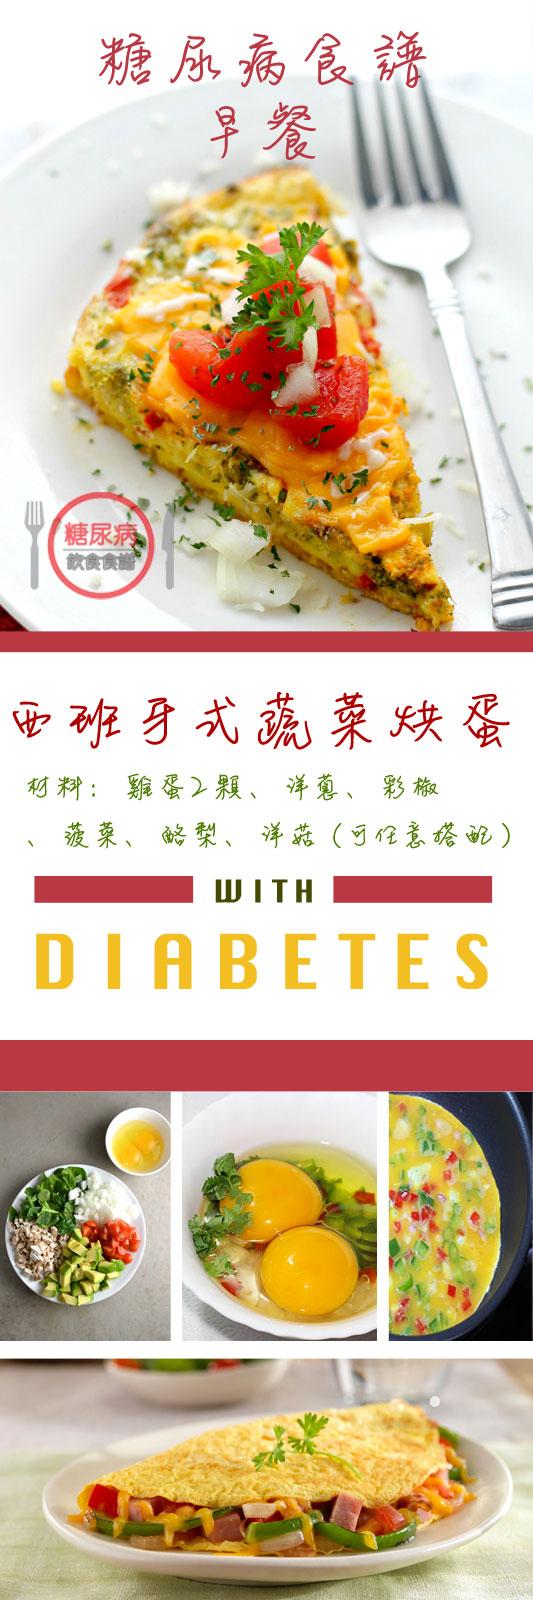 糖尿病食譜-早餐-西班牙烘蛋